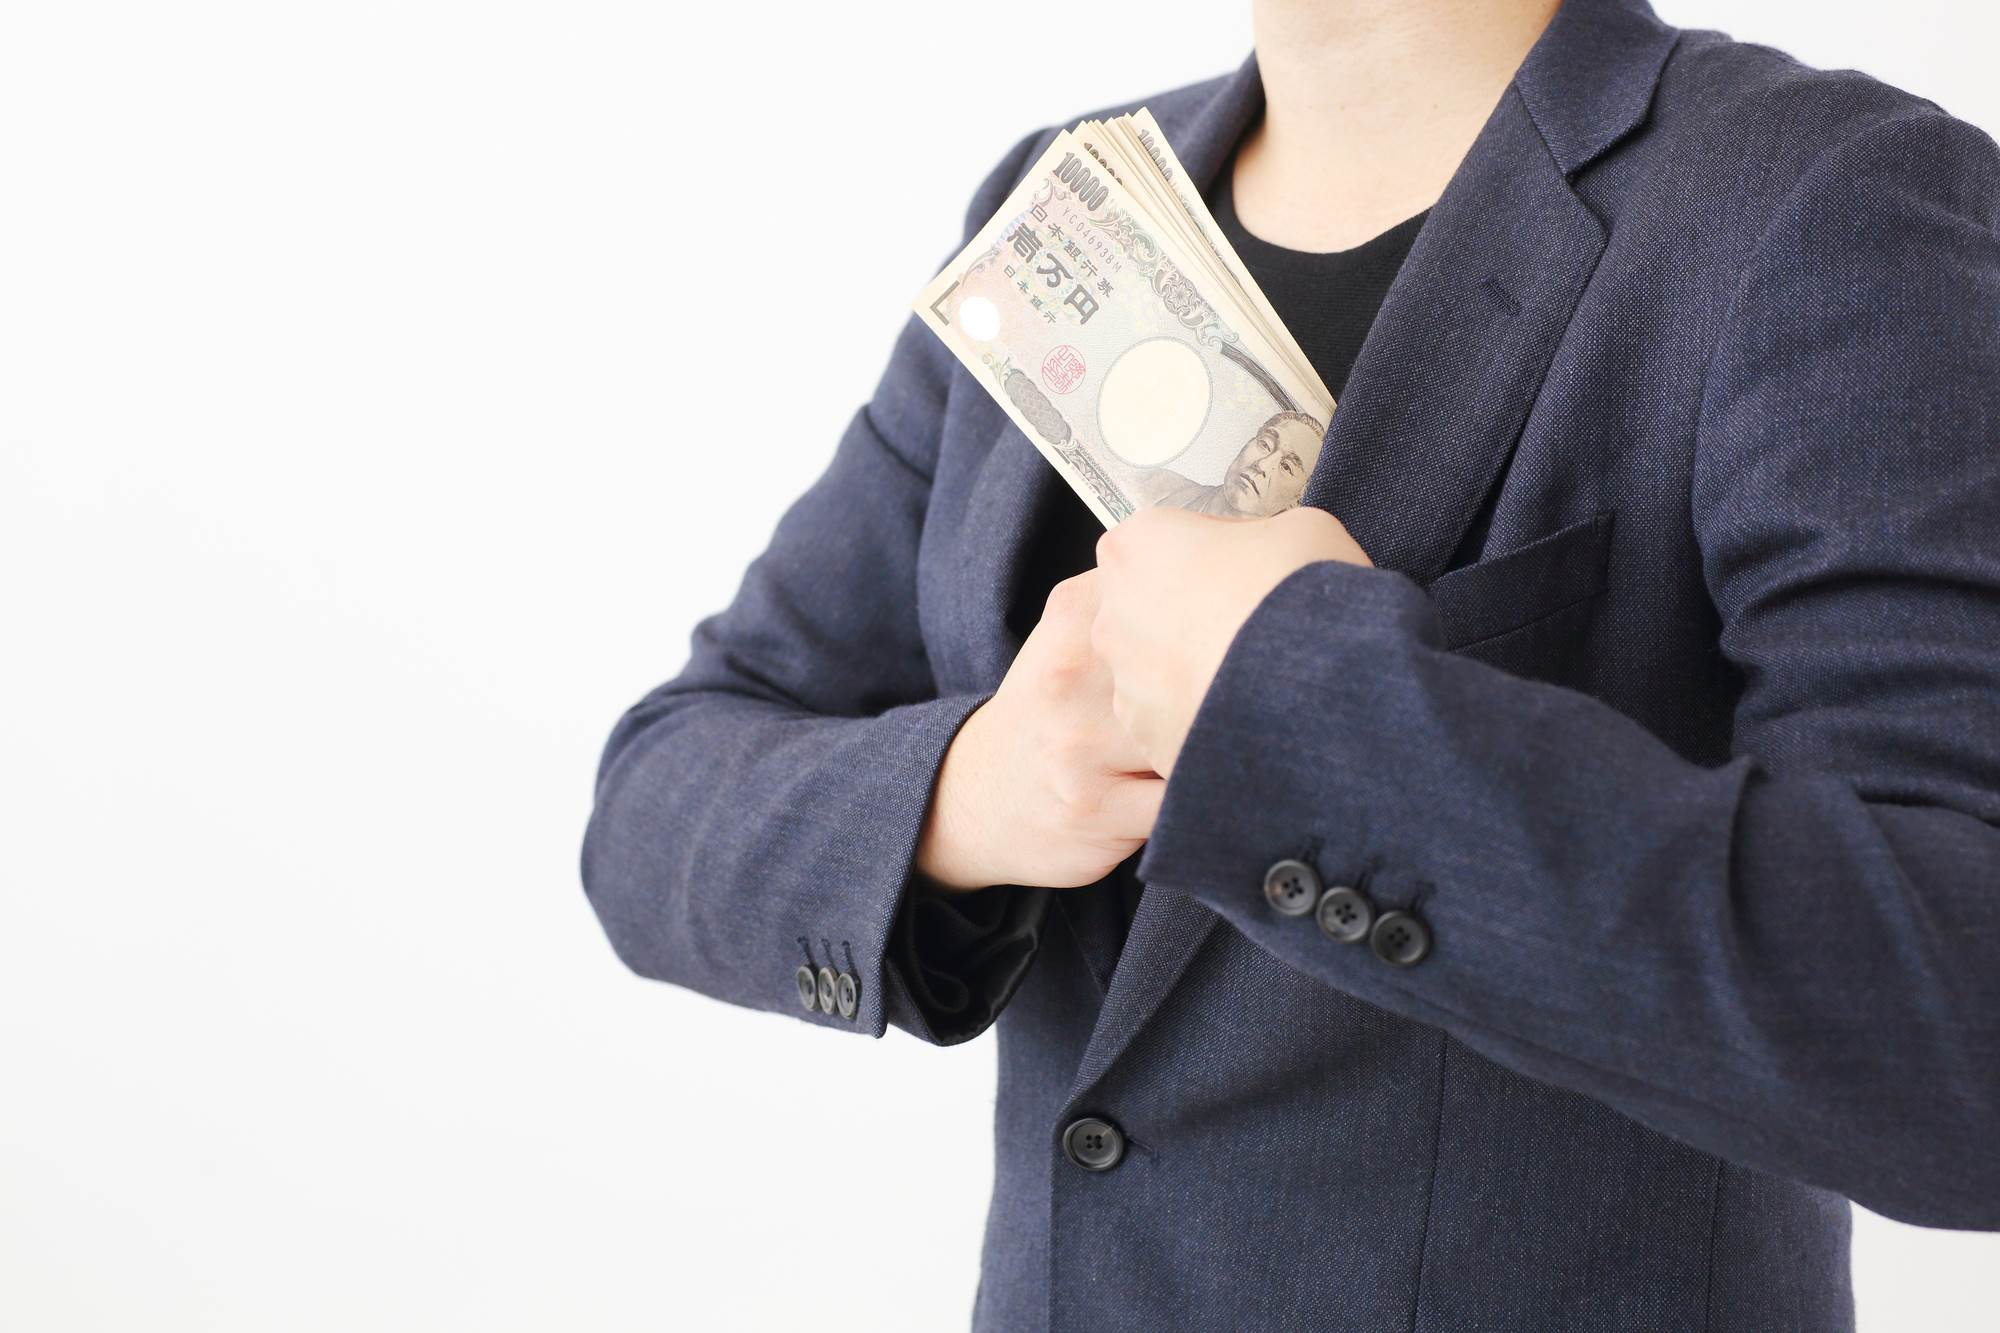 債務者に代わって保証会社が返済する「代位弁済」とは?